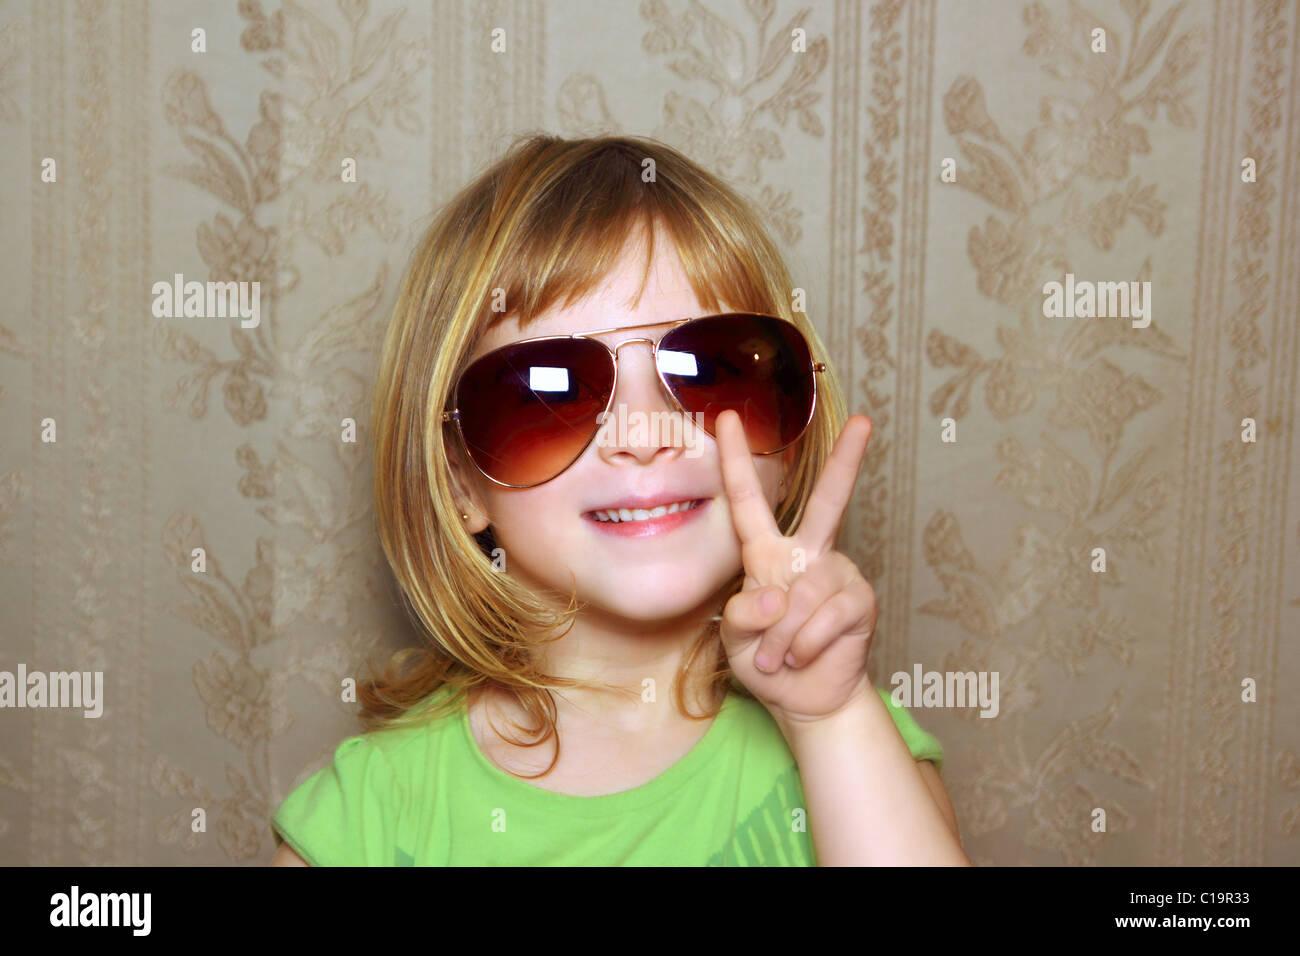 La victoire à la main petite fille geste funny lunettes papier peint rétro Photo Stock